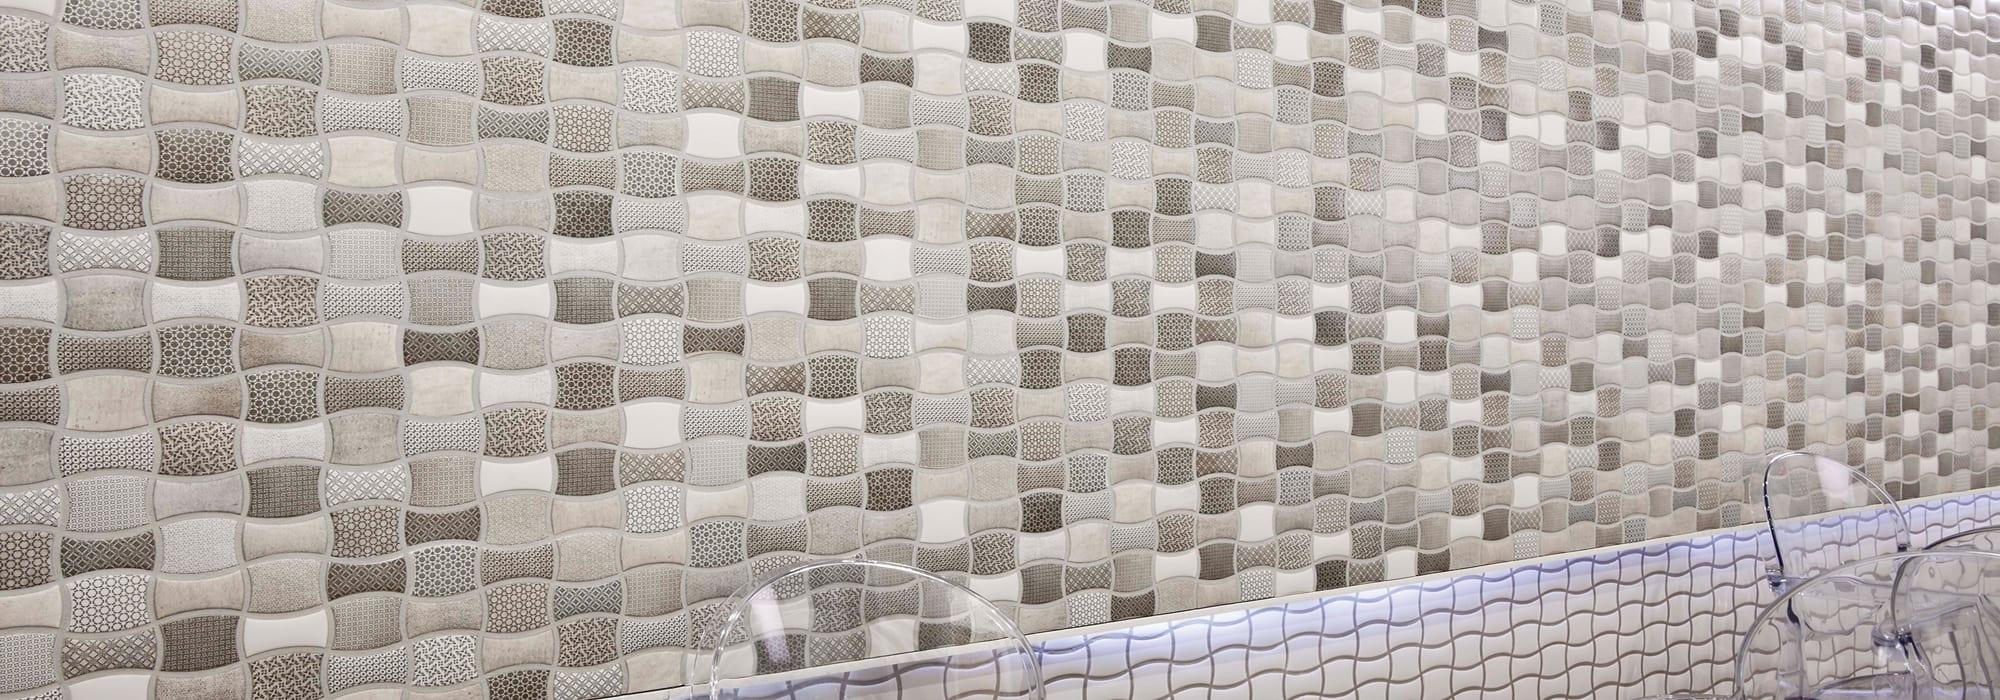 קרמיקה אינפיניטי לוקס דגם G304 by Milstone